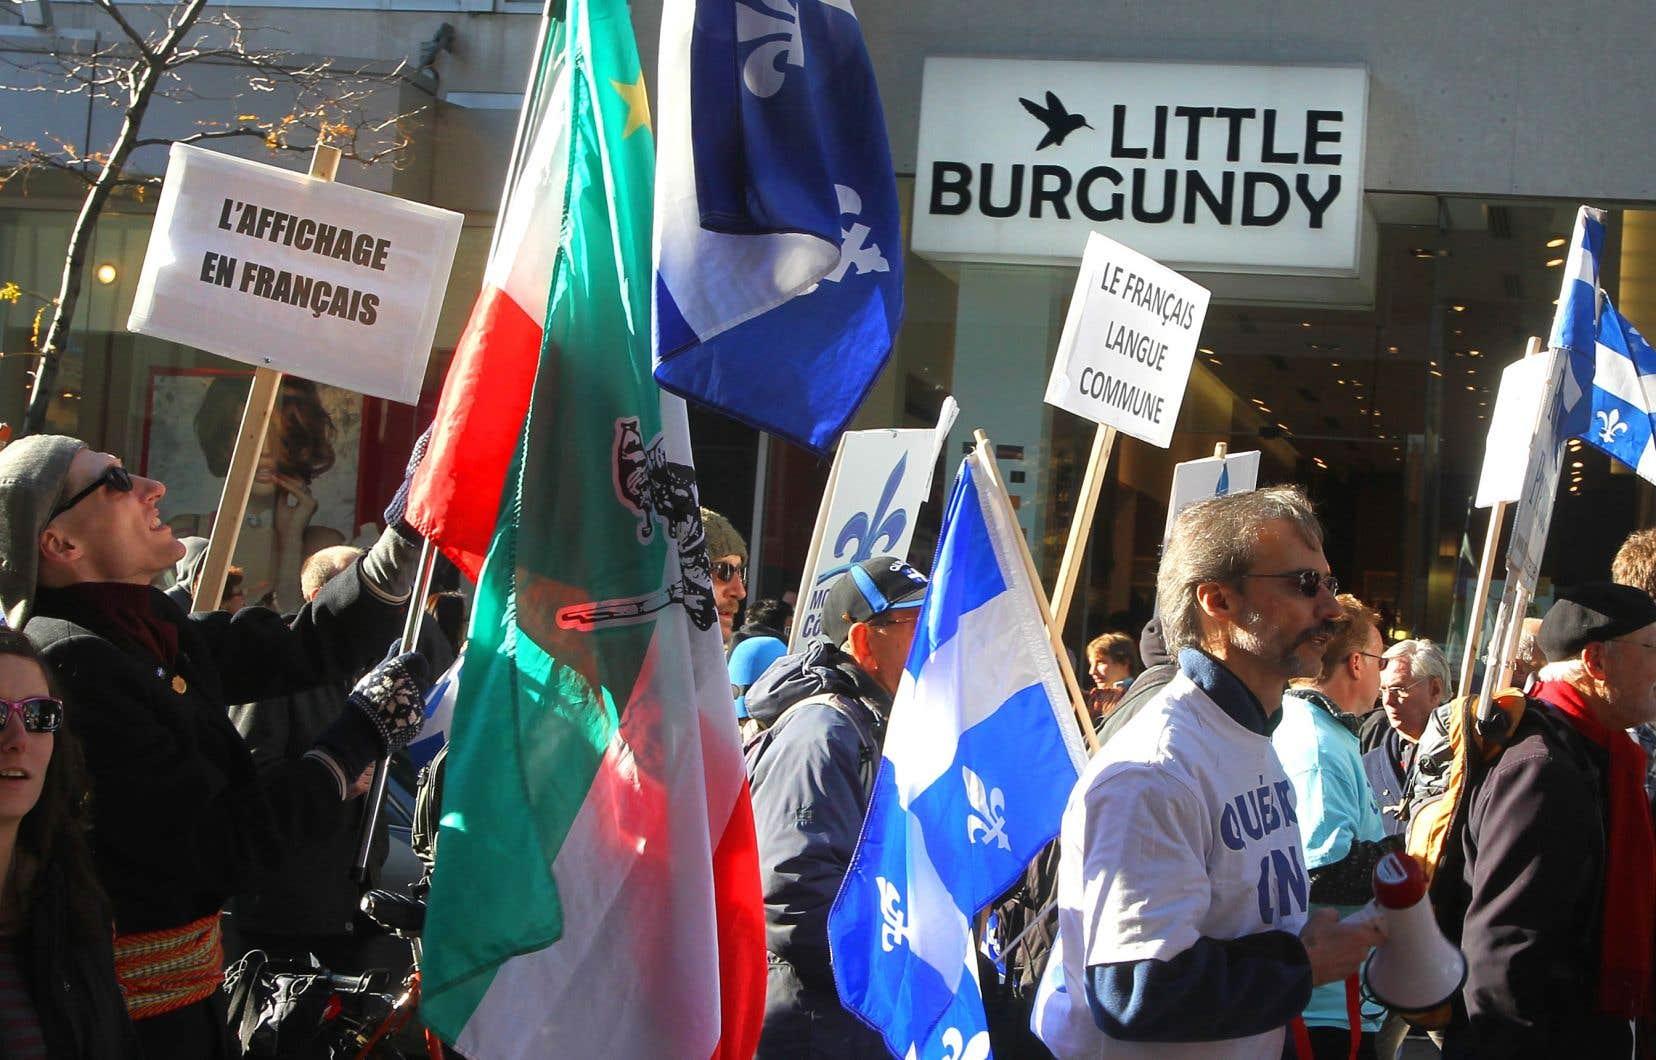 Manifestation contre l'affichage en anglais à Montréal le 13 novembre 2011